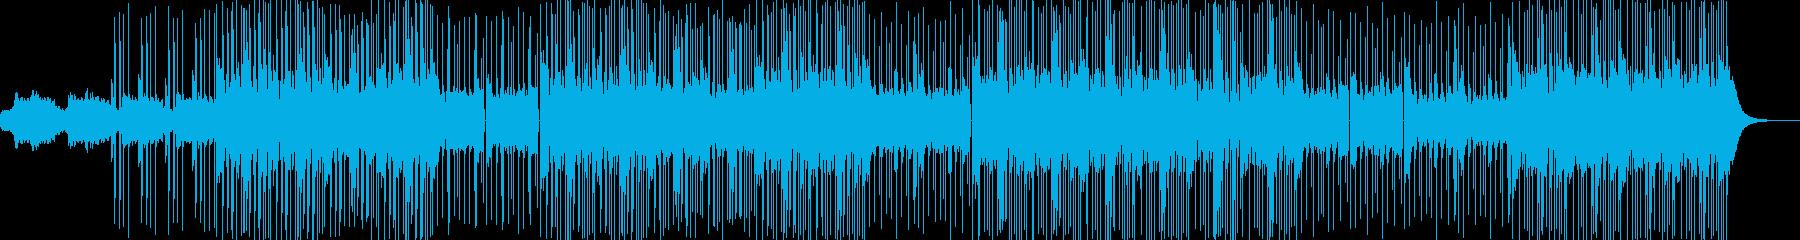 静かなスローテンポのポップスの再生済みの波形